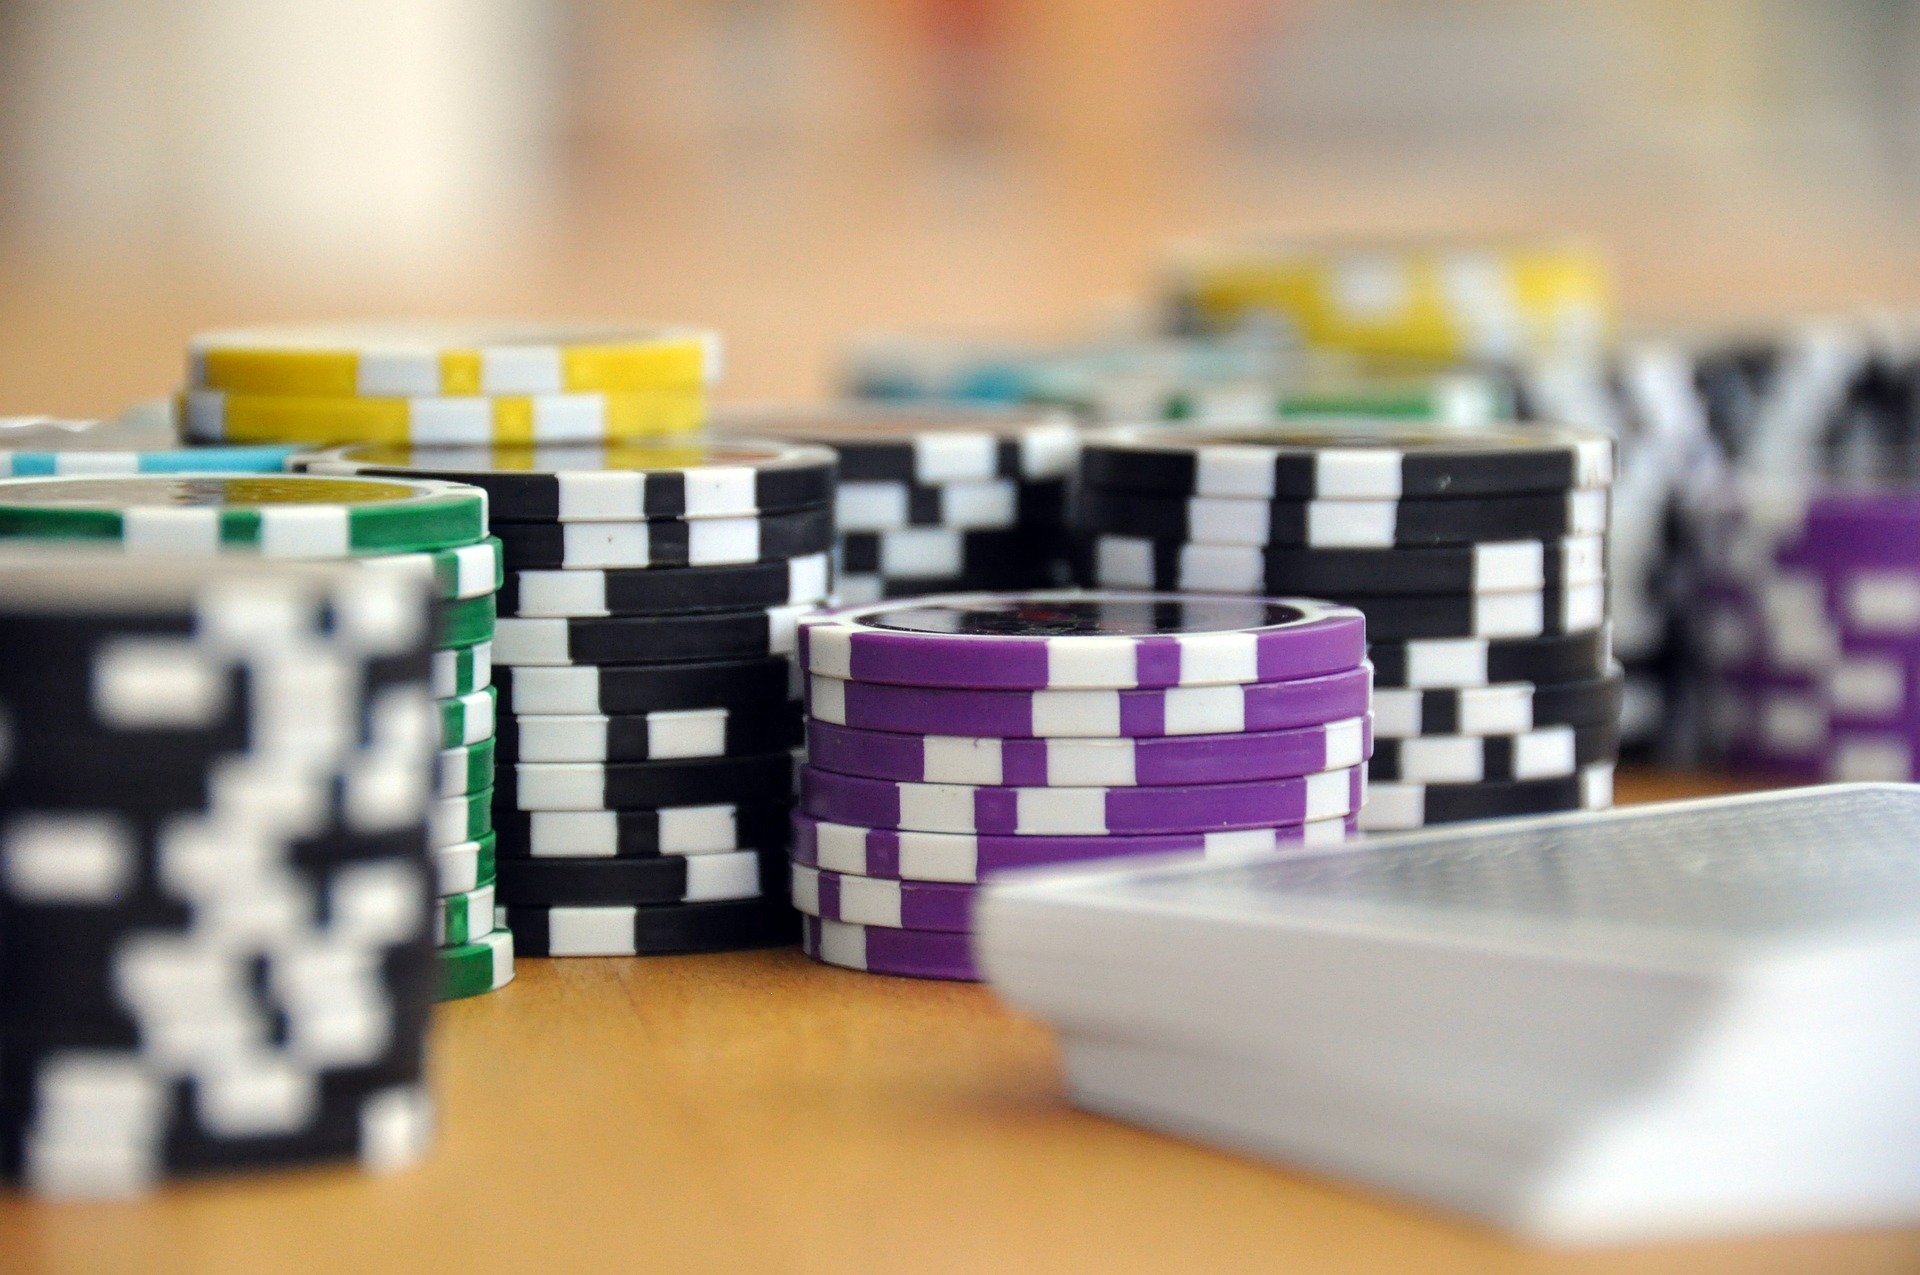 schede, gioco, Casinò, lettere, Poker - Sfondi HD - Professor-falken.com